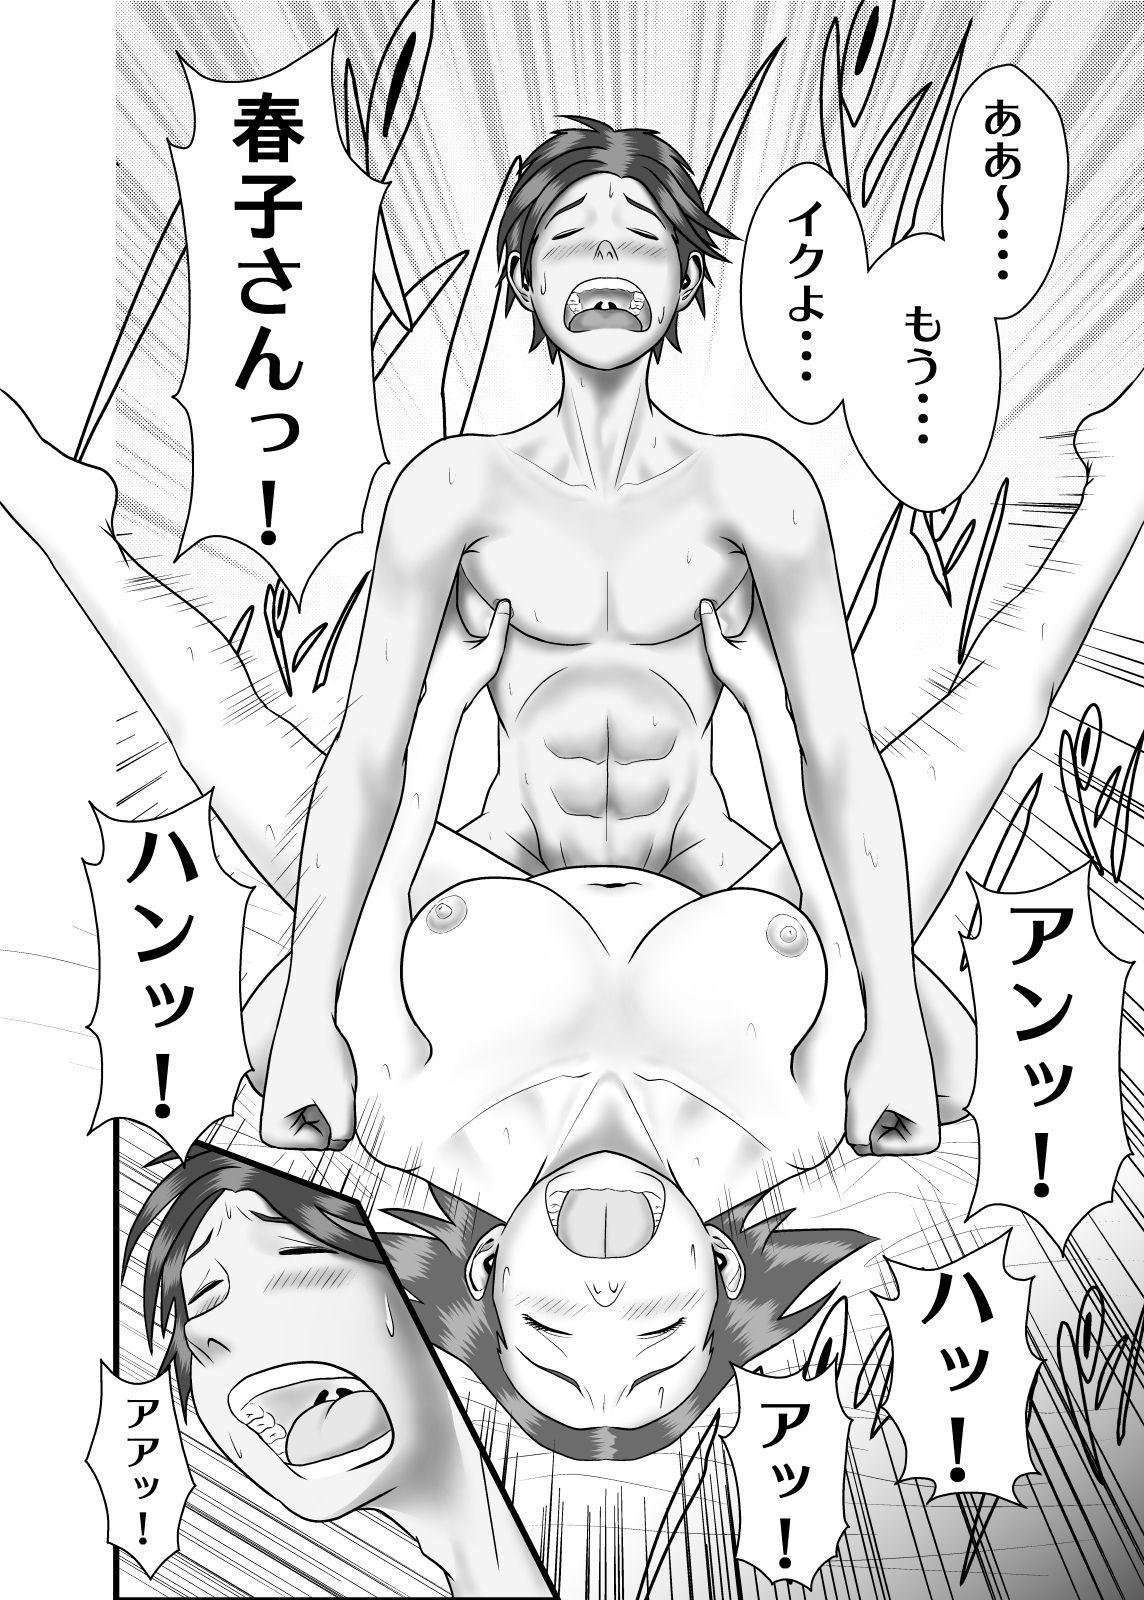 Hajimete no Uwaki Aite wa Kanojo no Hahaoya deshita 2 2